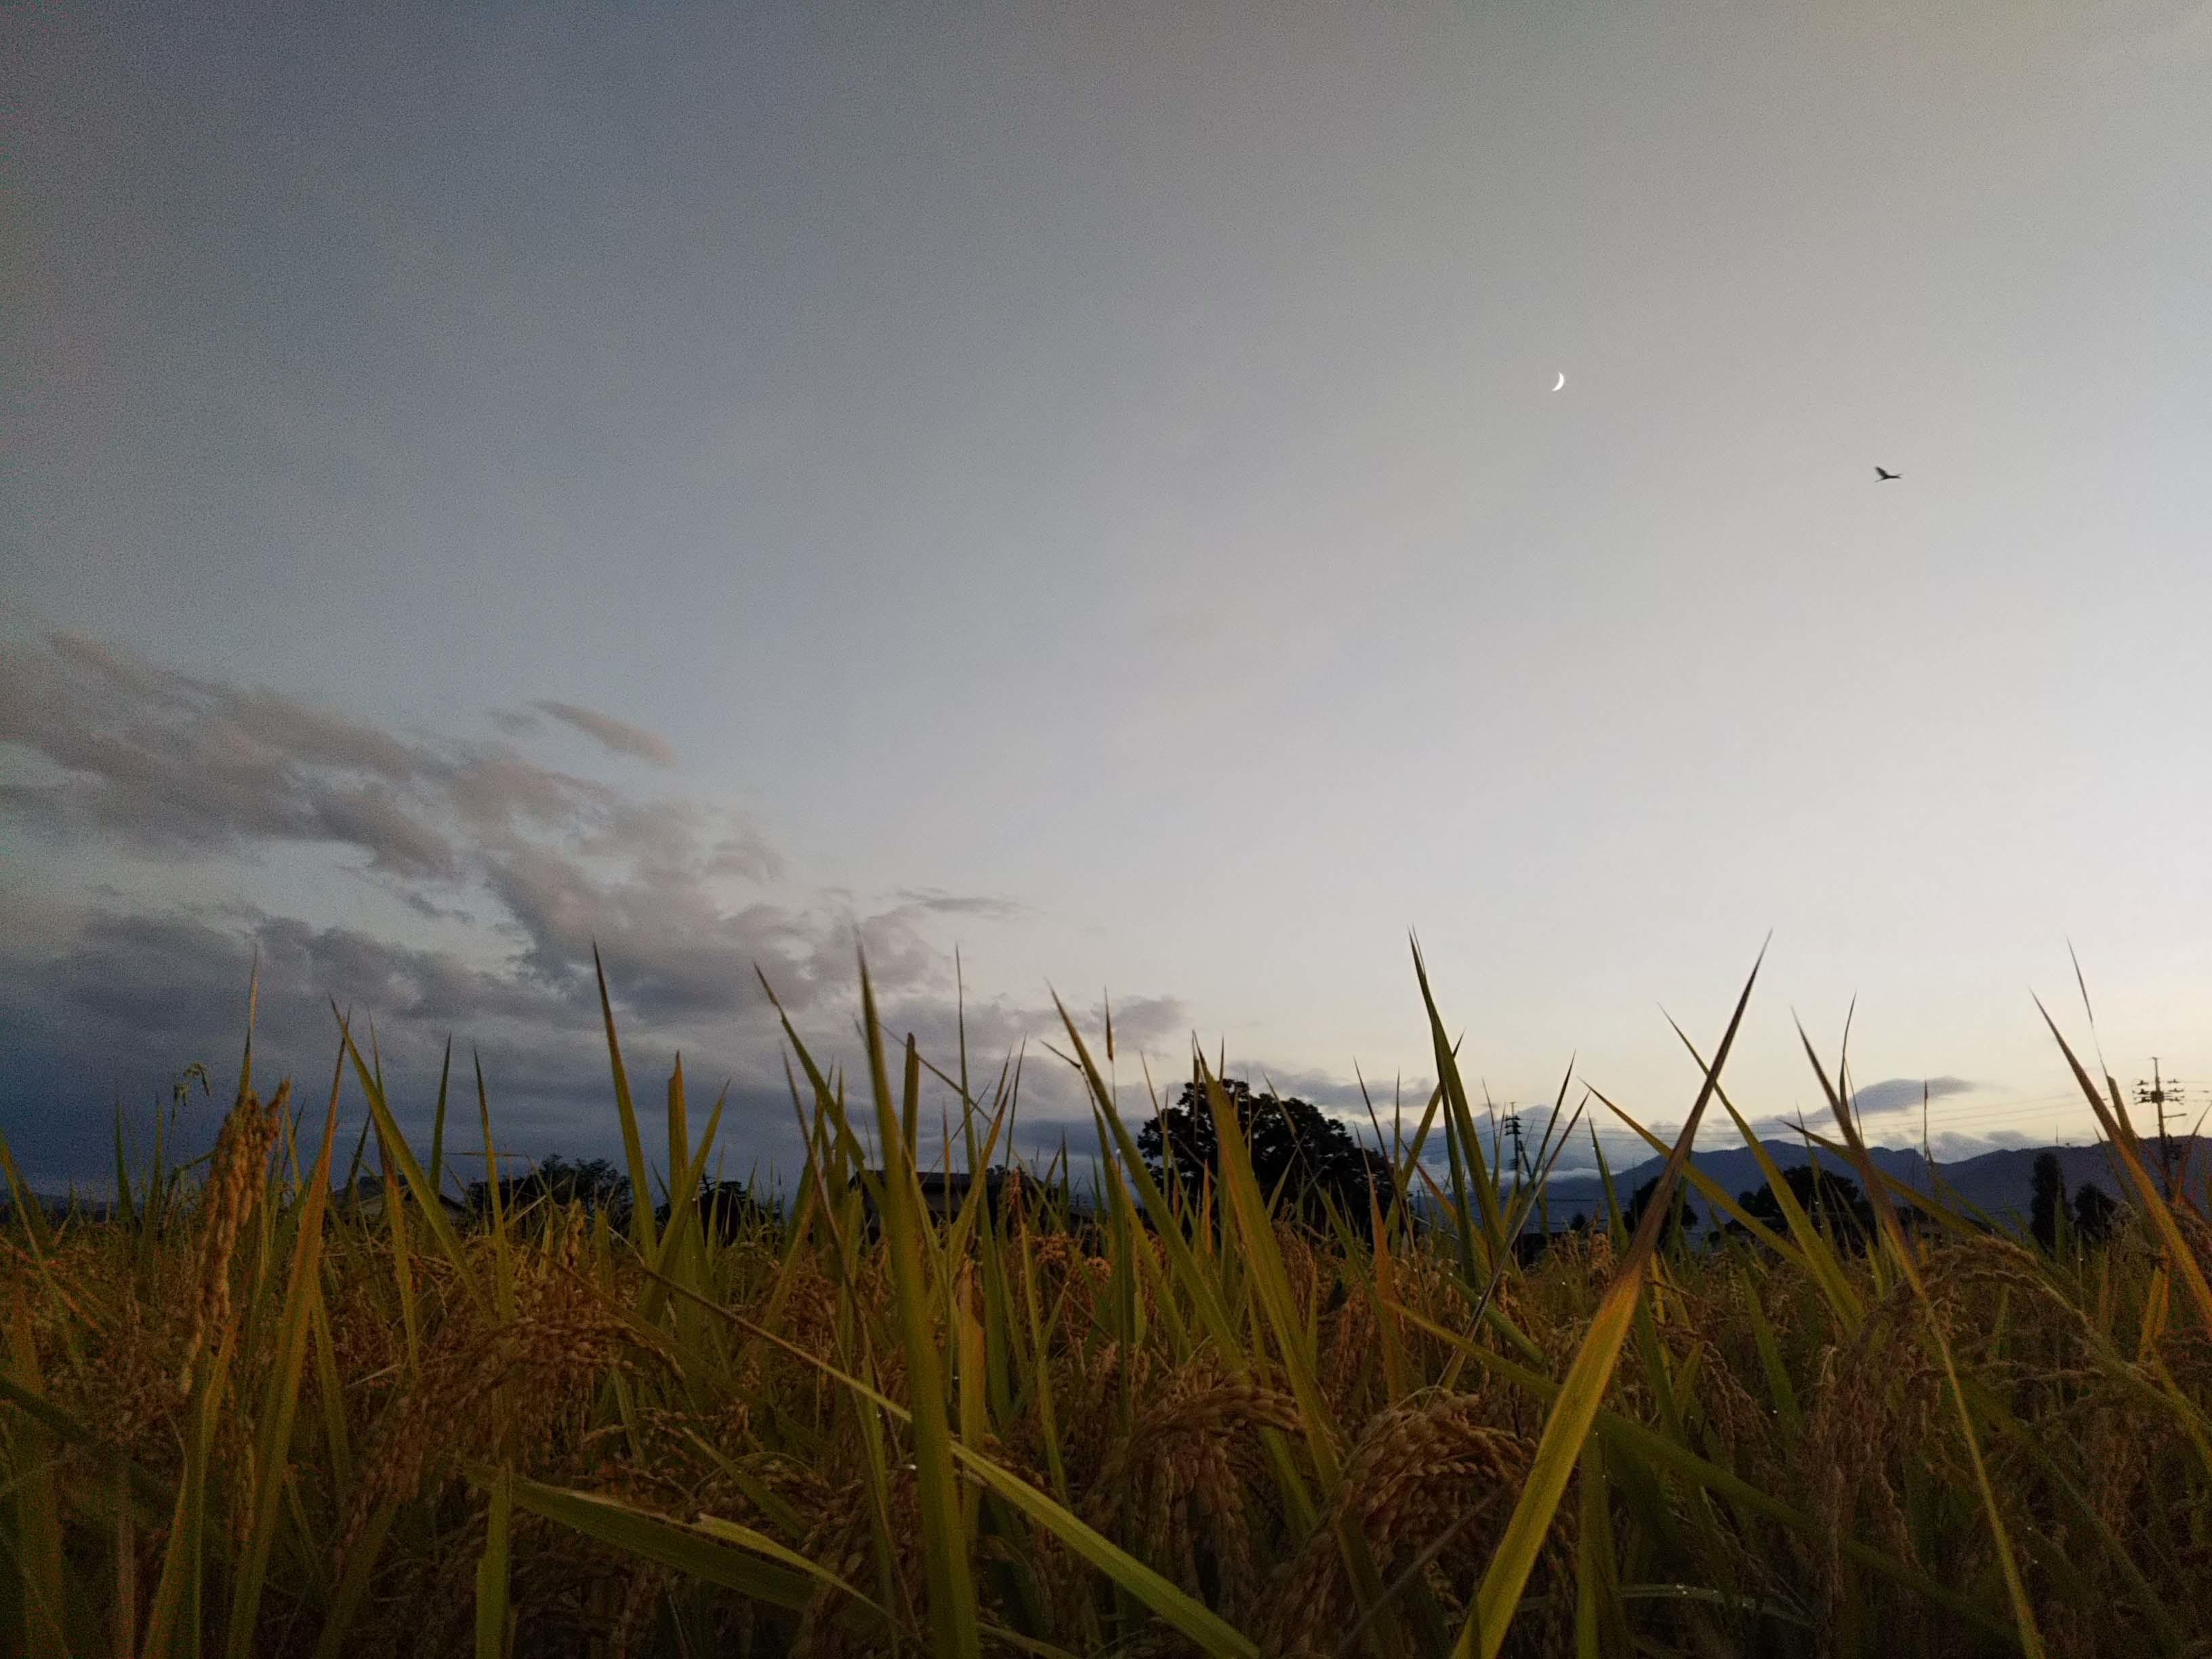 めずらしく、夕日のある夕方。西の空の三日月。_b0126182_09214499.jpg